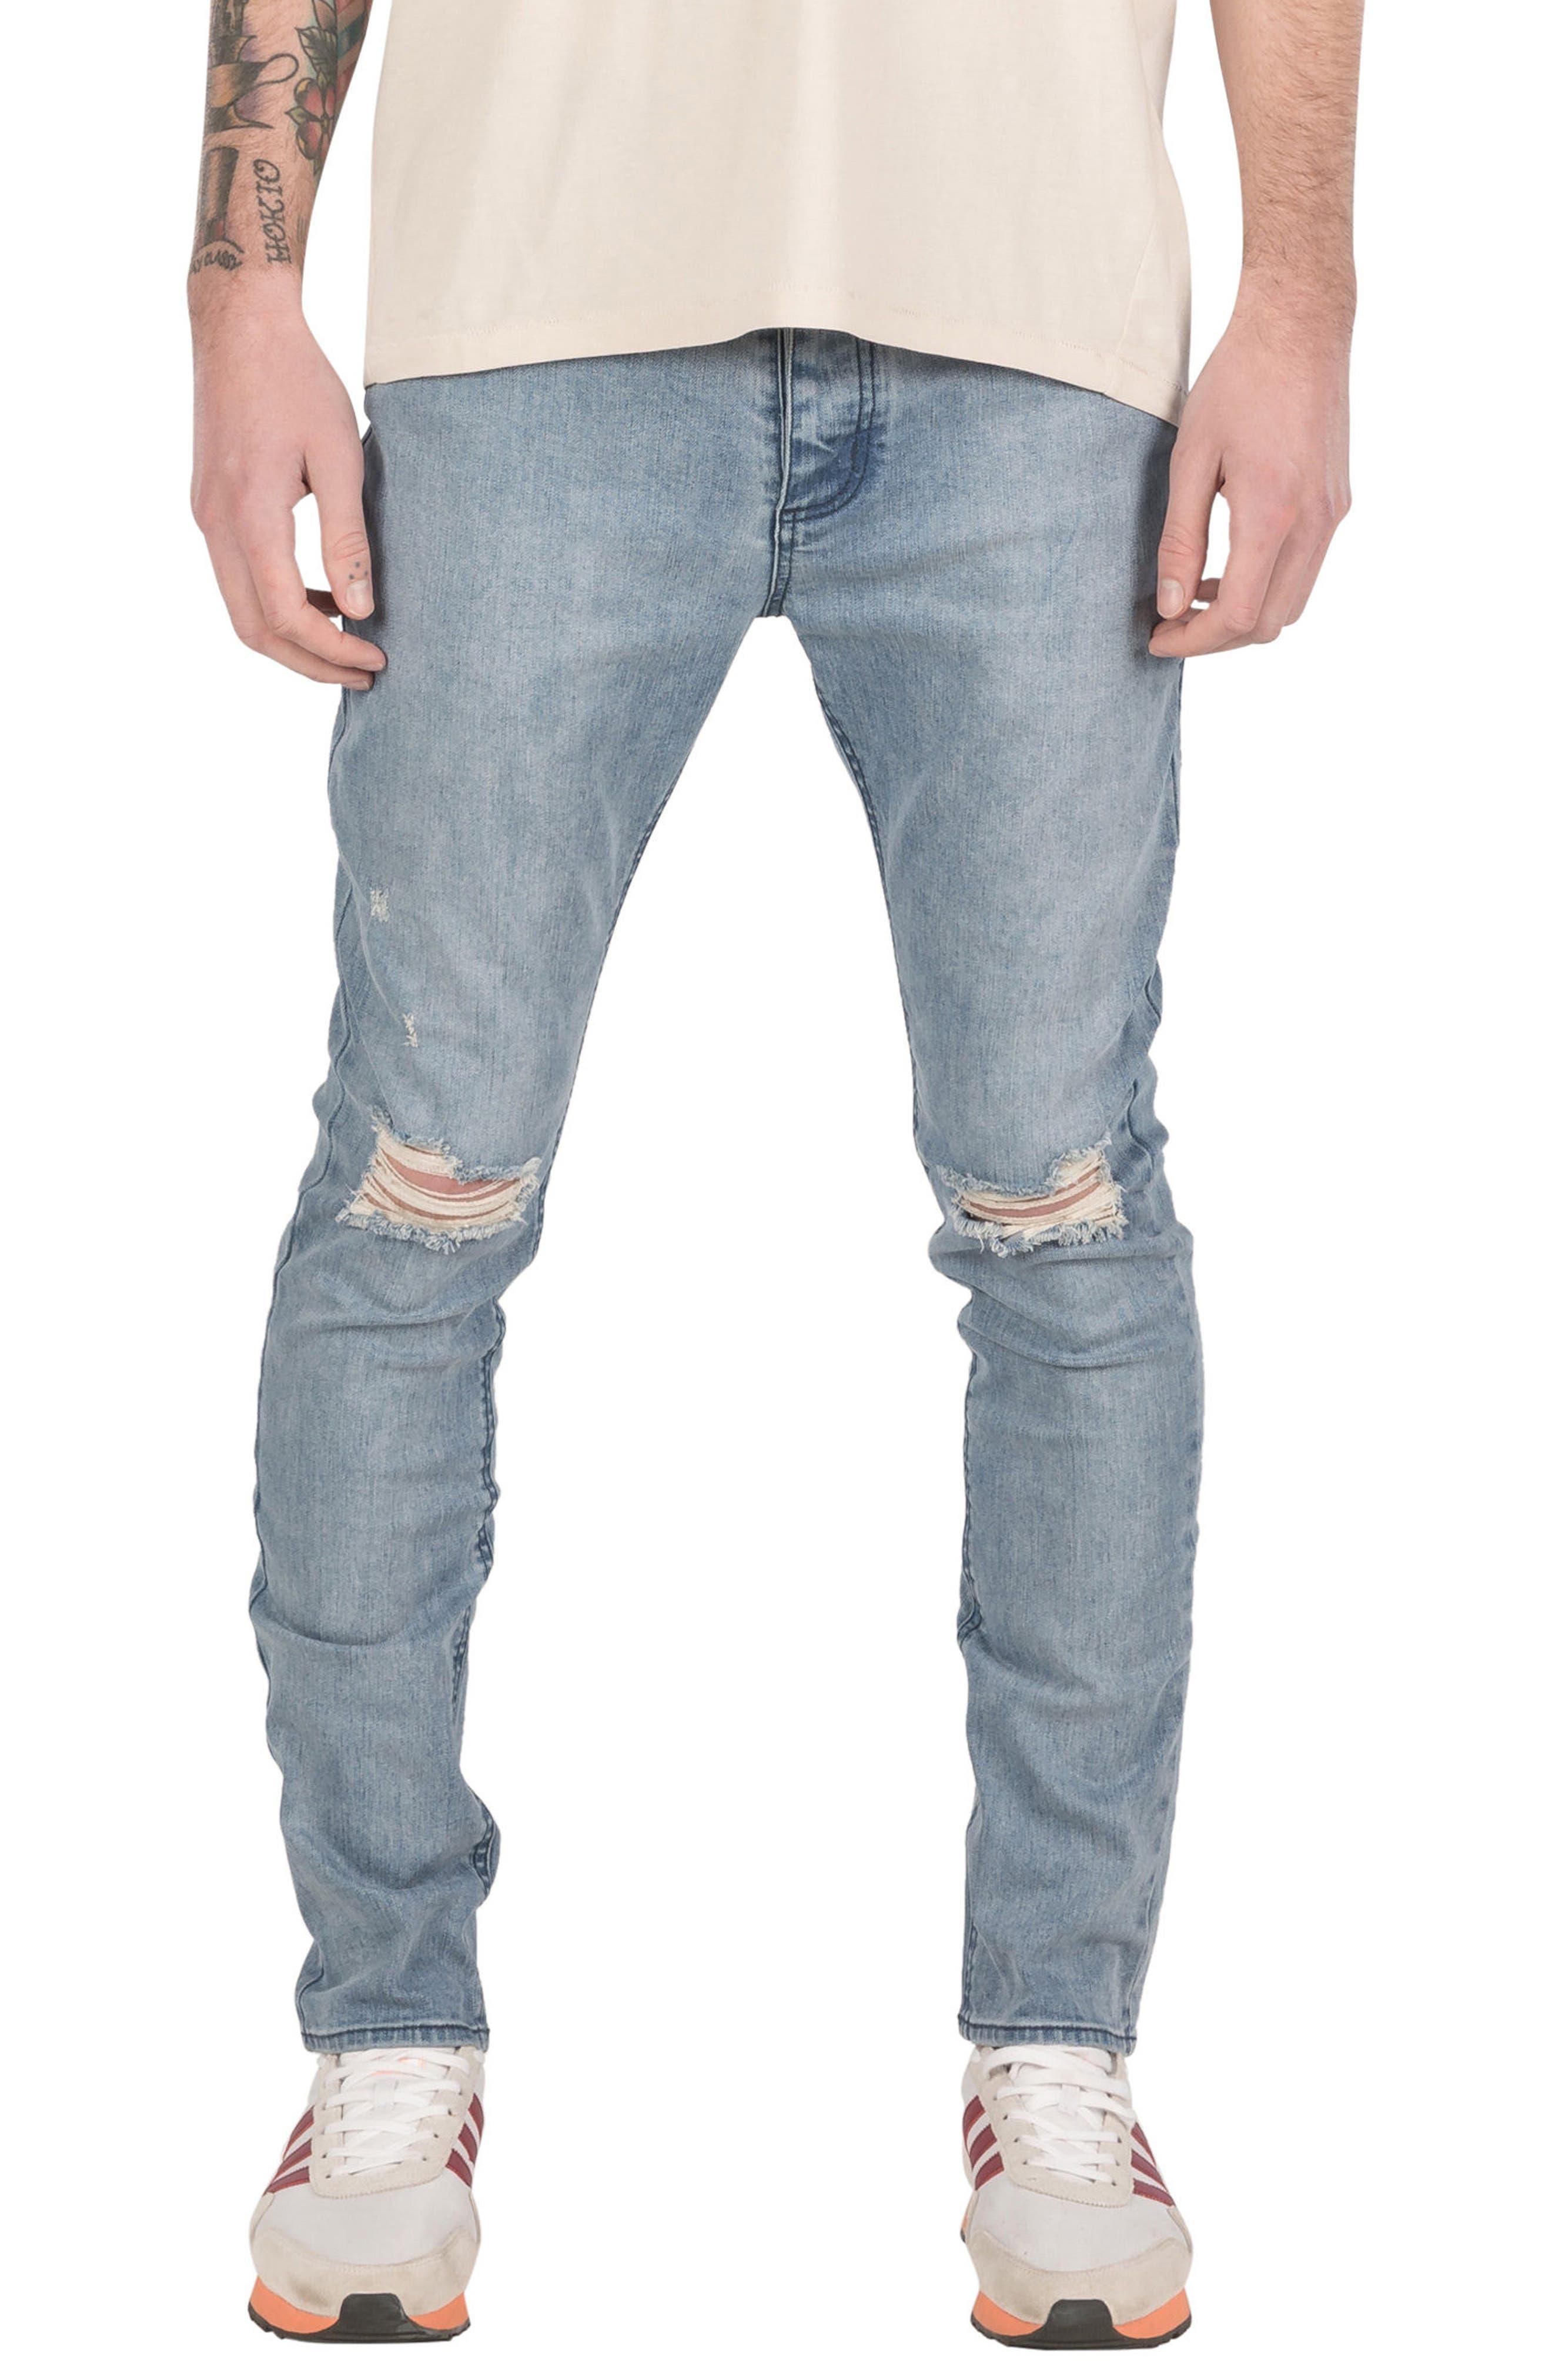 Joe Blow Destroyed Denim Jeans,                             Main thumbnail 1, color,                             Mineral Blue